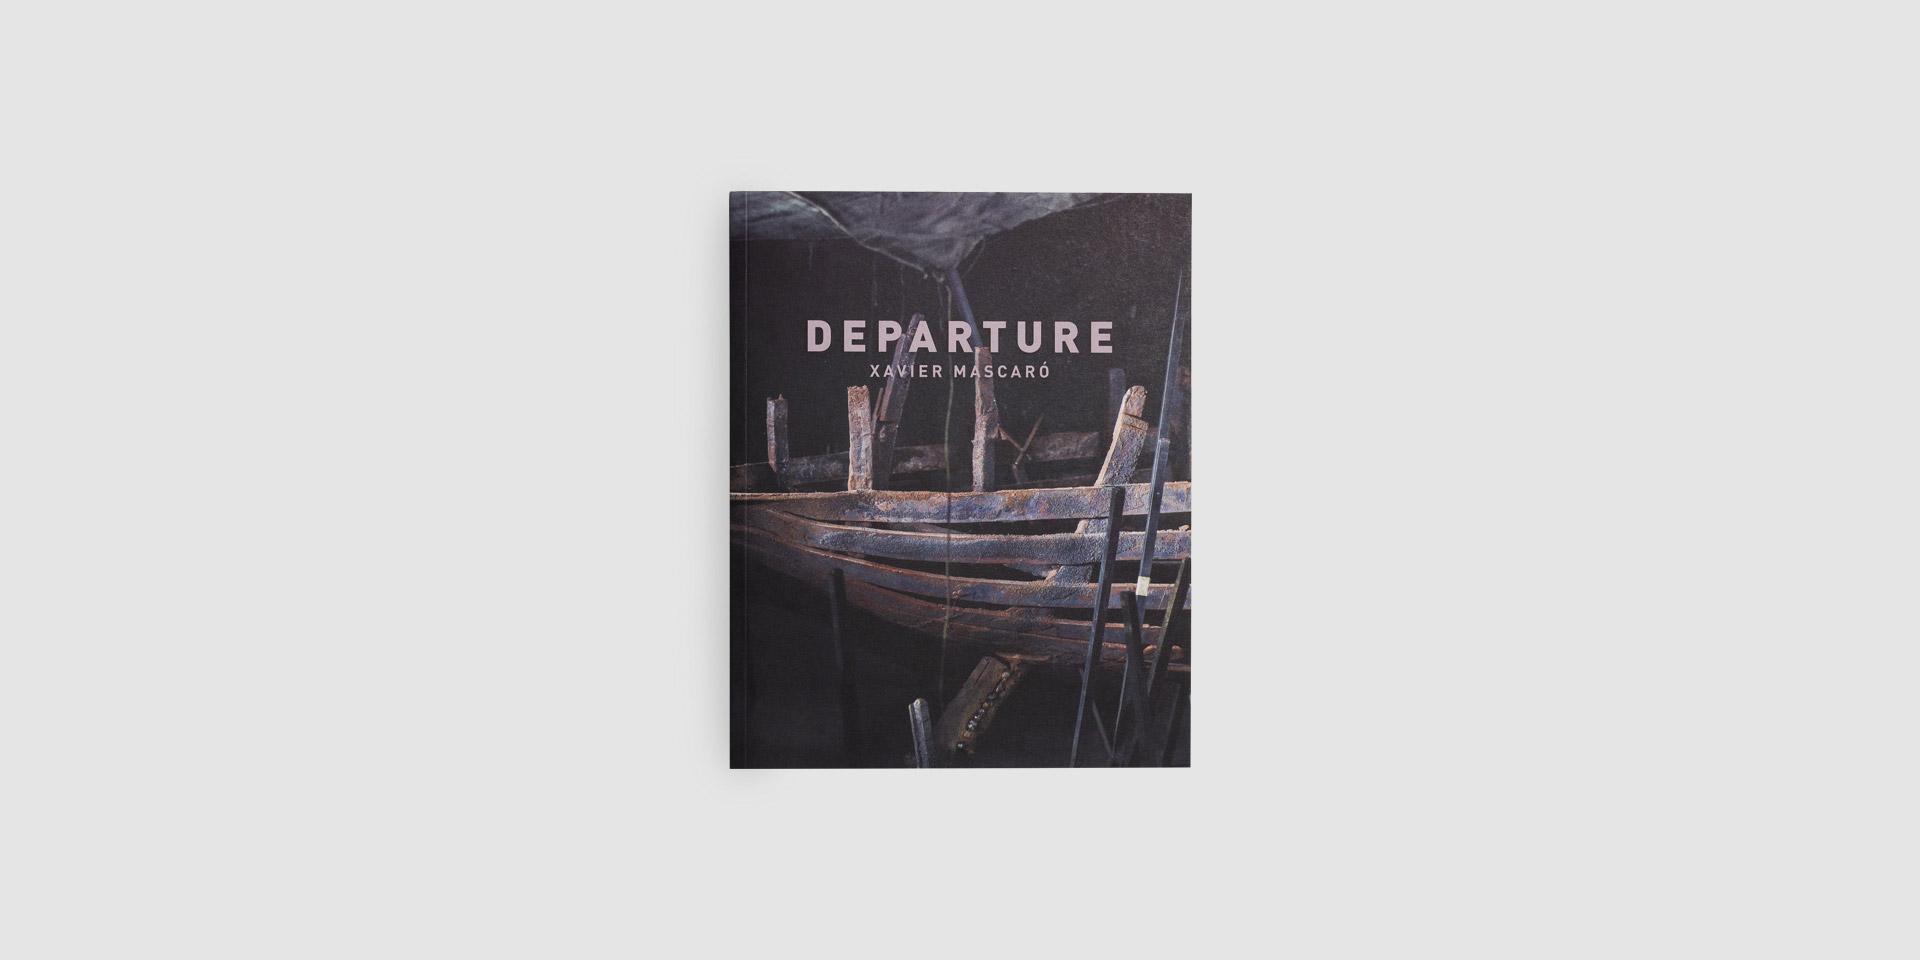 portada catalogo departure museo würth la rioja